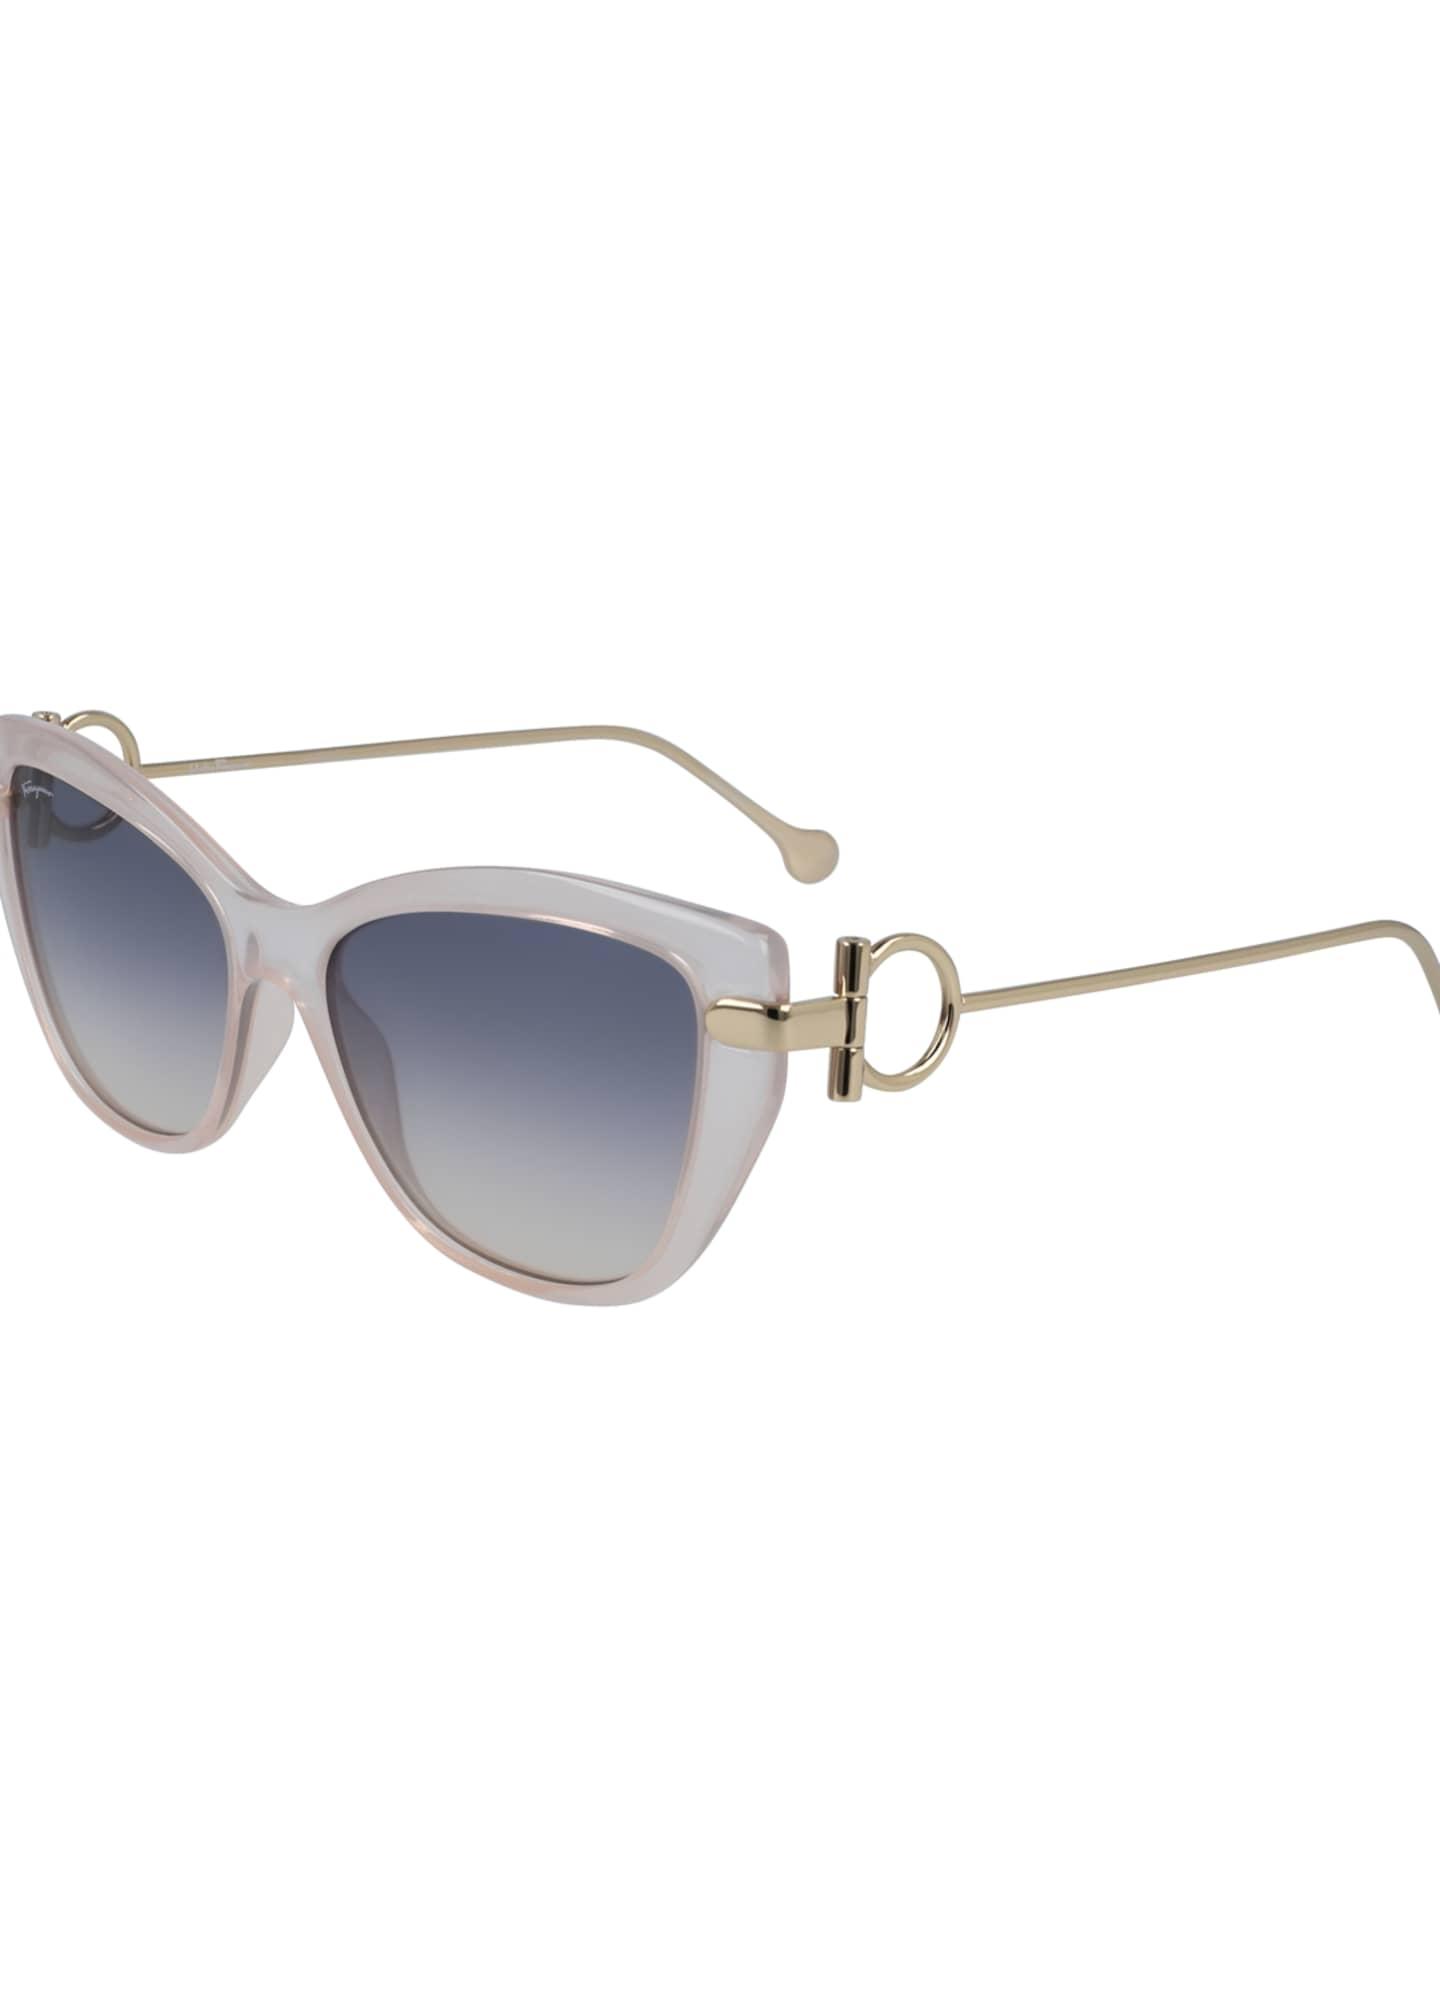 Salvatore Ferragamo Gancio Cat-Eye Plastic & Metal Sunglasses